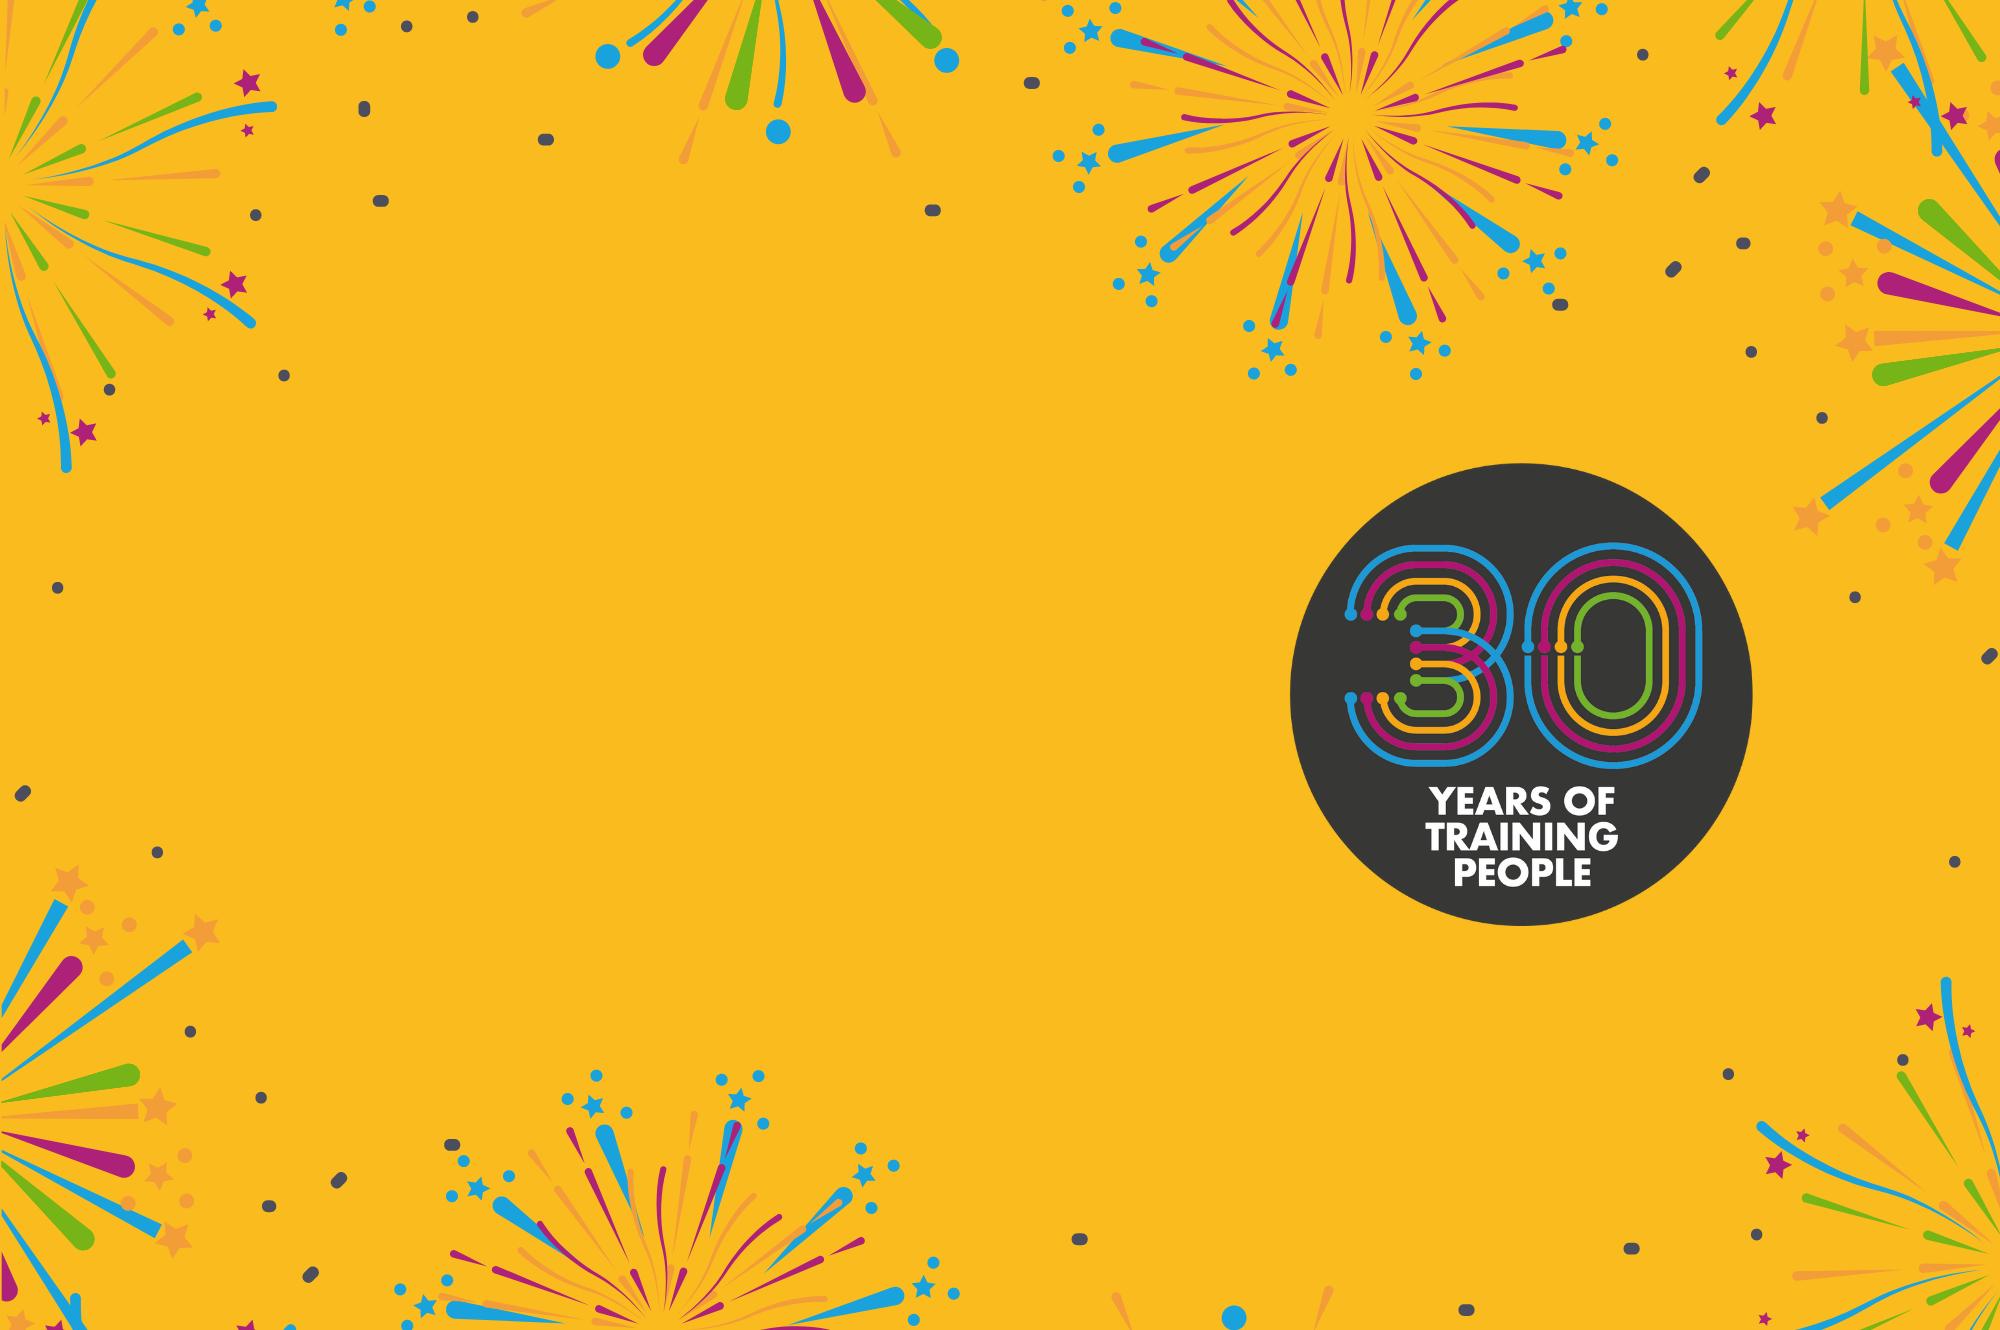 JTL 30 years